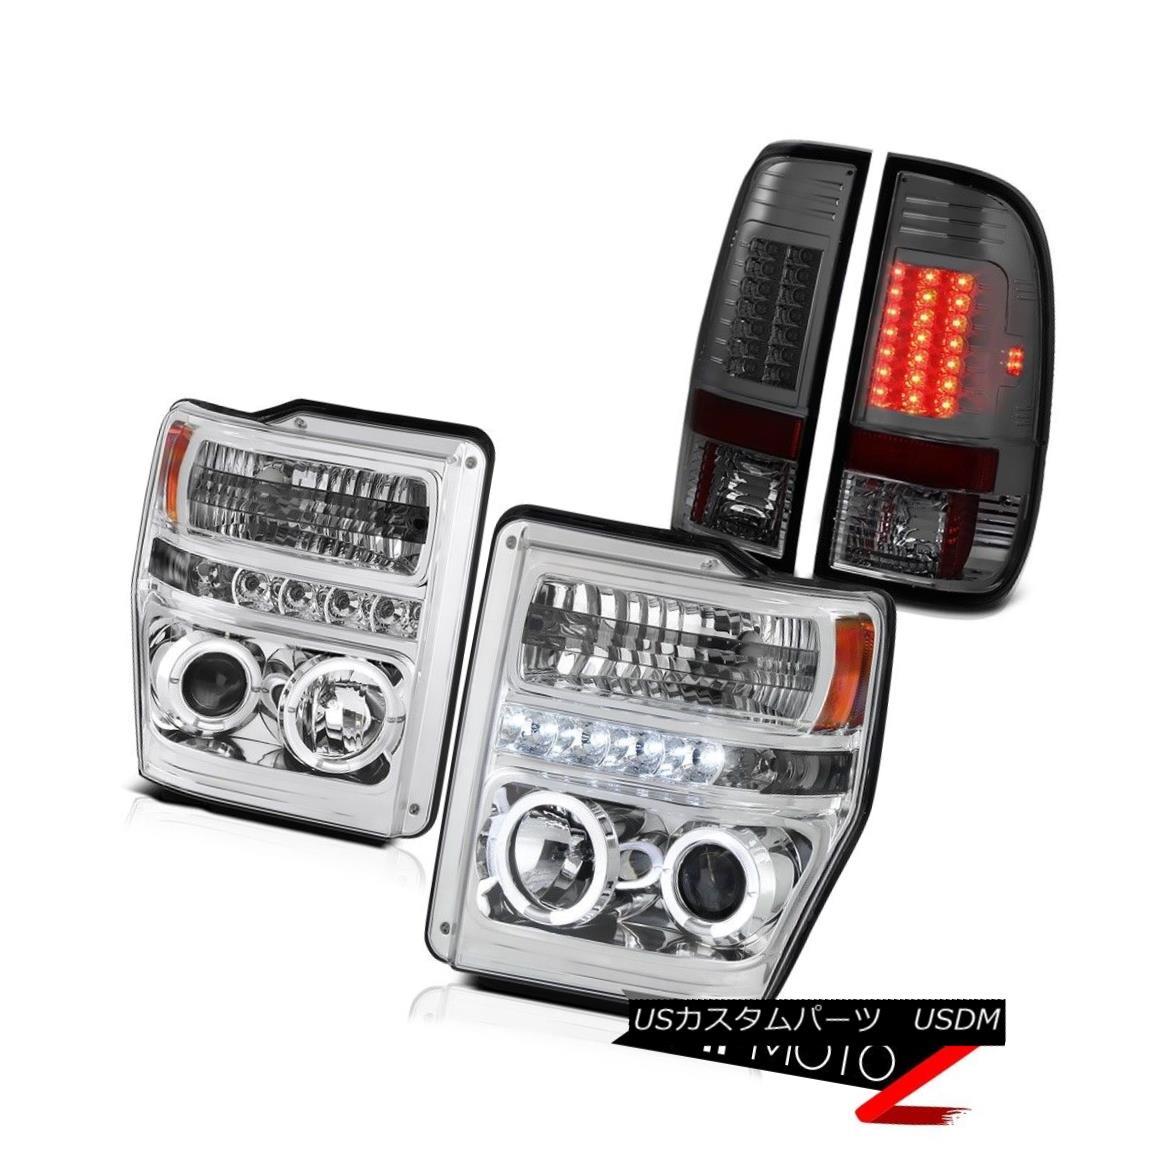 テールライト Chrome Halo LED Headlights Dark Brake Tail Lights Ford F350 Powerstroke XL 08-10 クロームハローLEDヘッドライトダークブレーキテールライトフォードF350パワーストロークXL 08-10